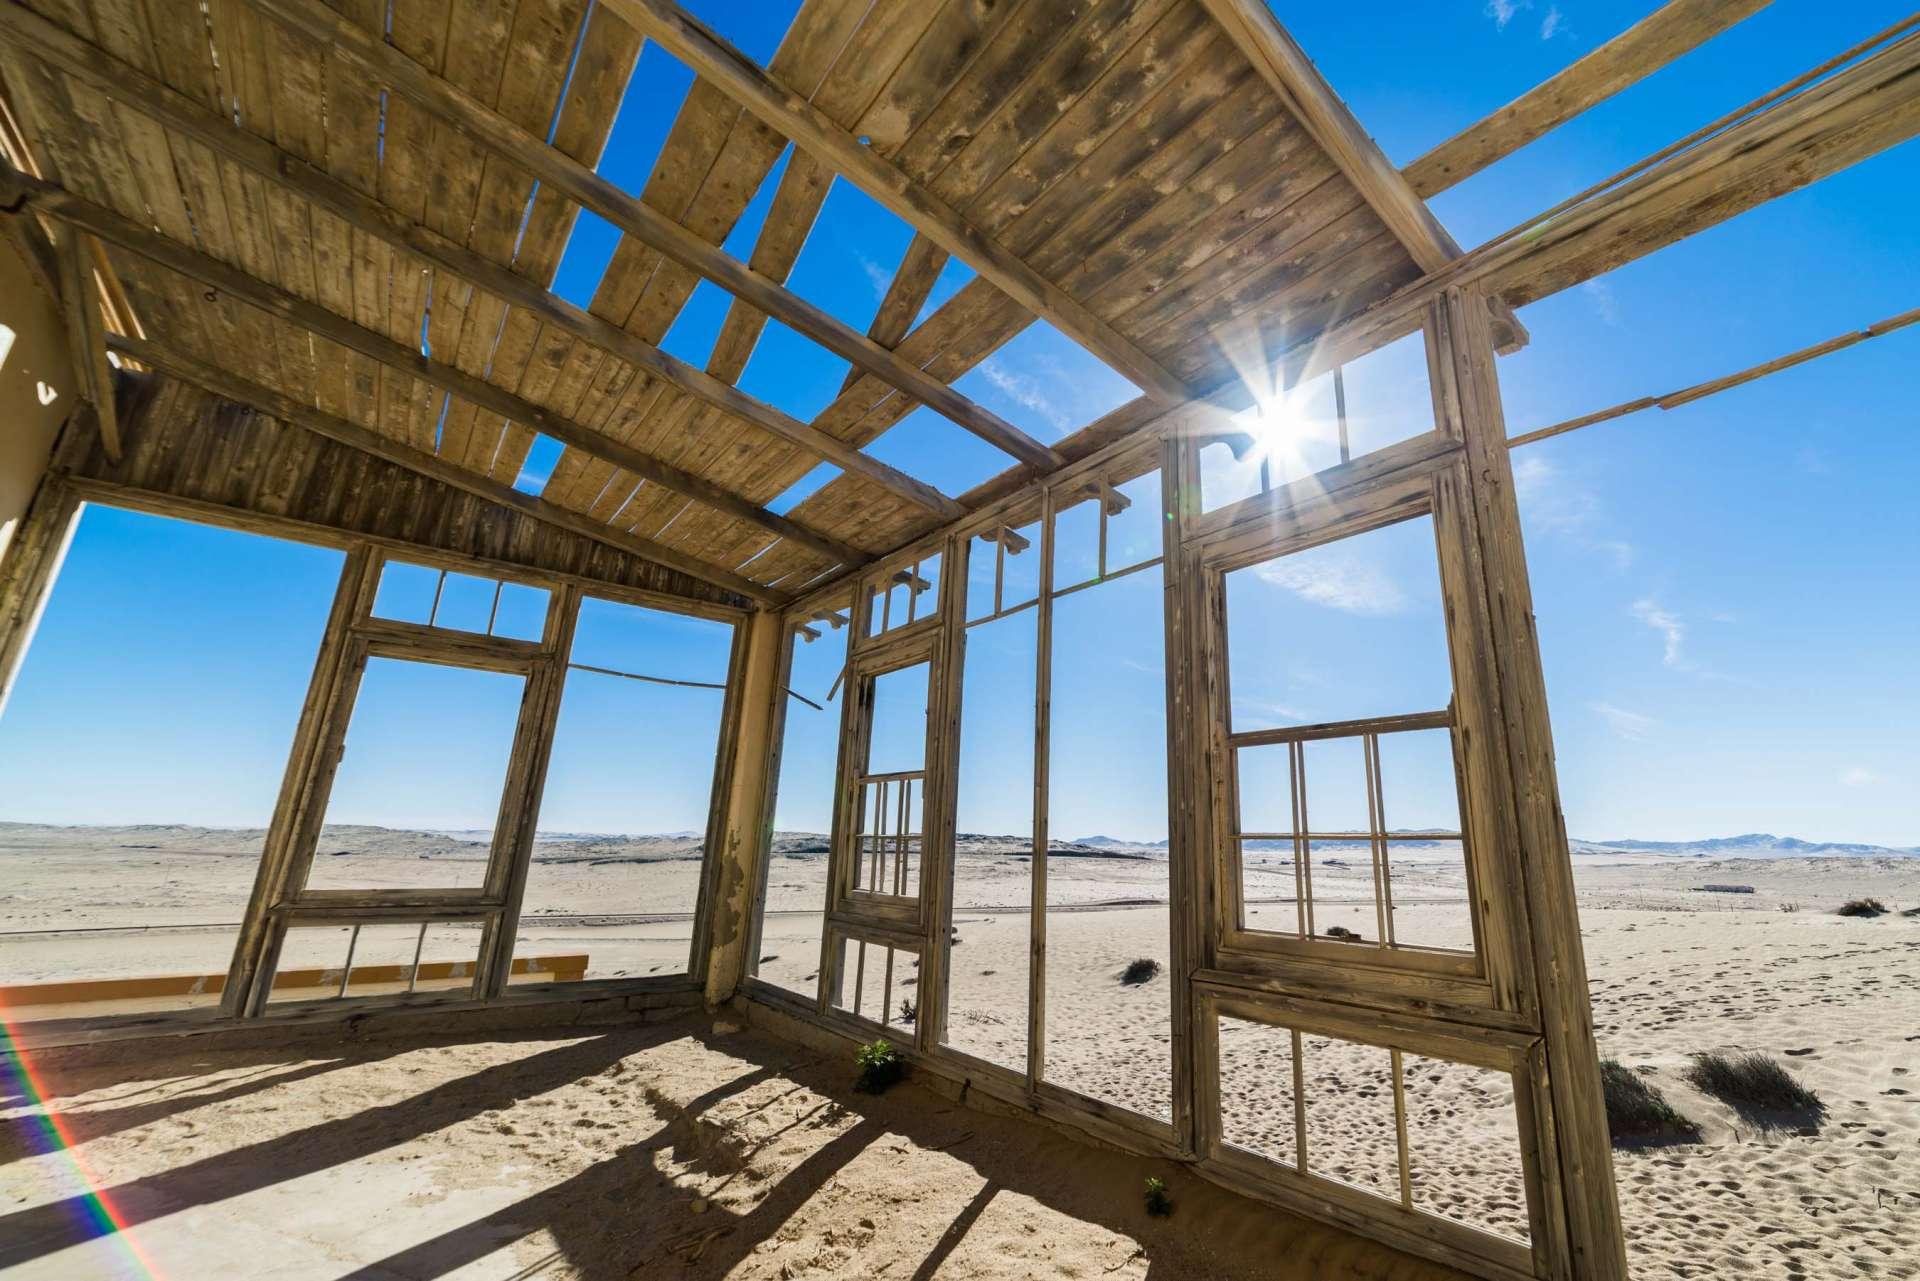 Namib Ghost Town of Kolmanskop Enrico Pescantini 1